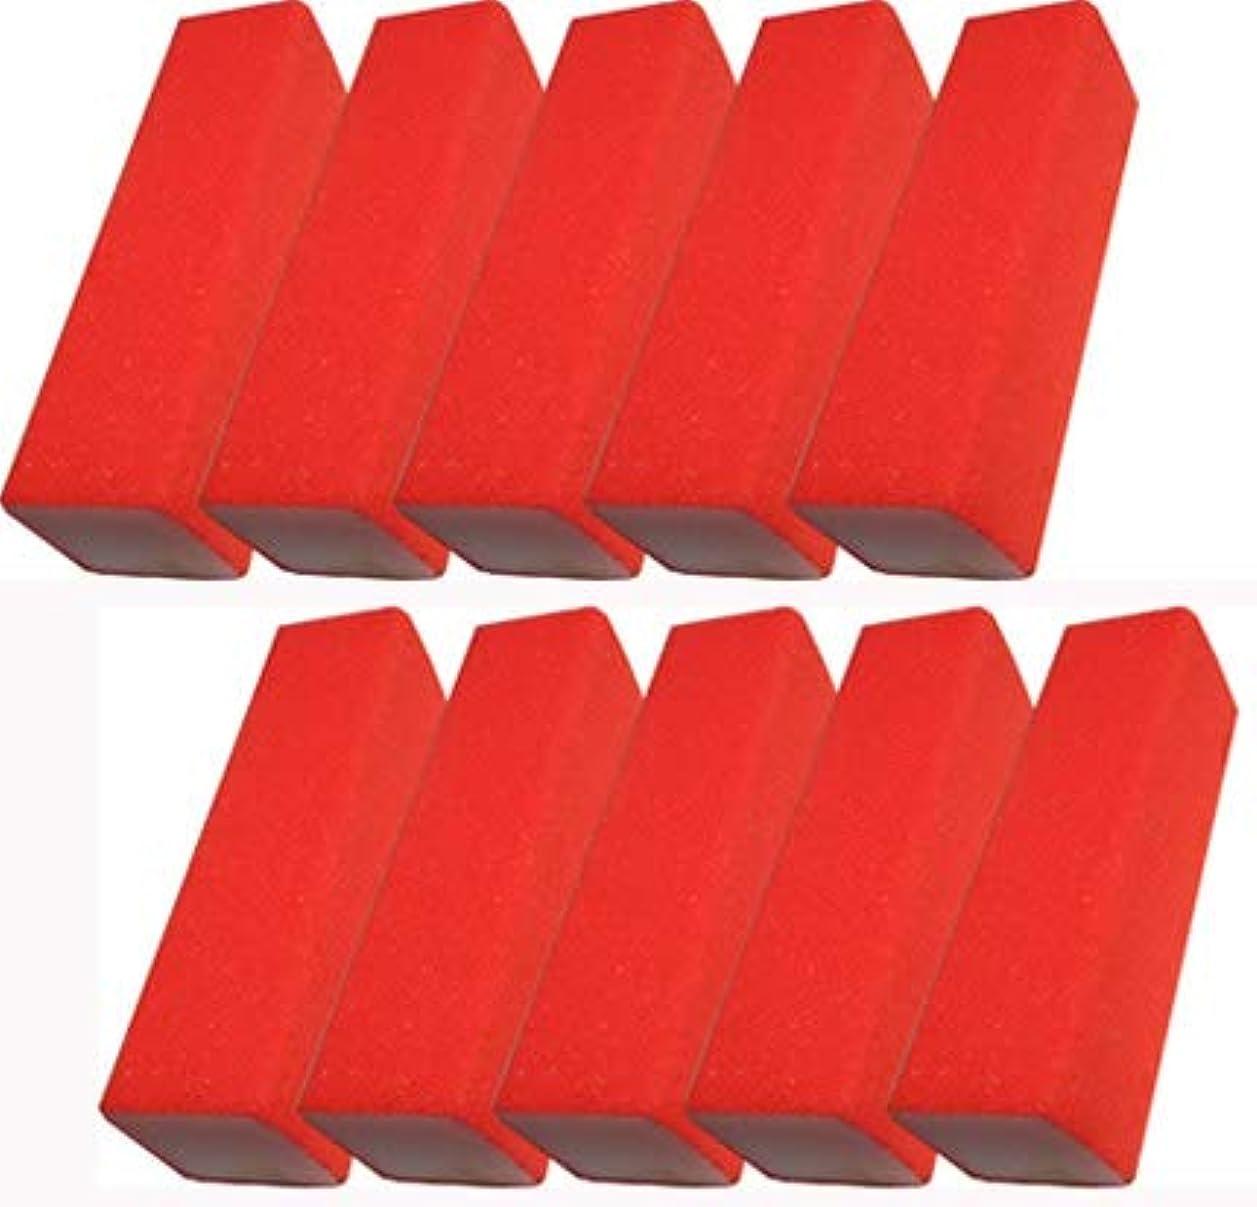 アームストロング繊毛タイル【アウトレット】カラーブロック ファイル ピンク 20個